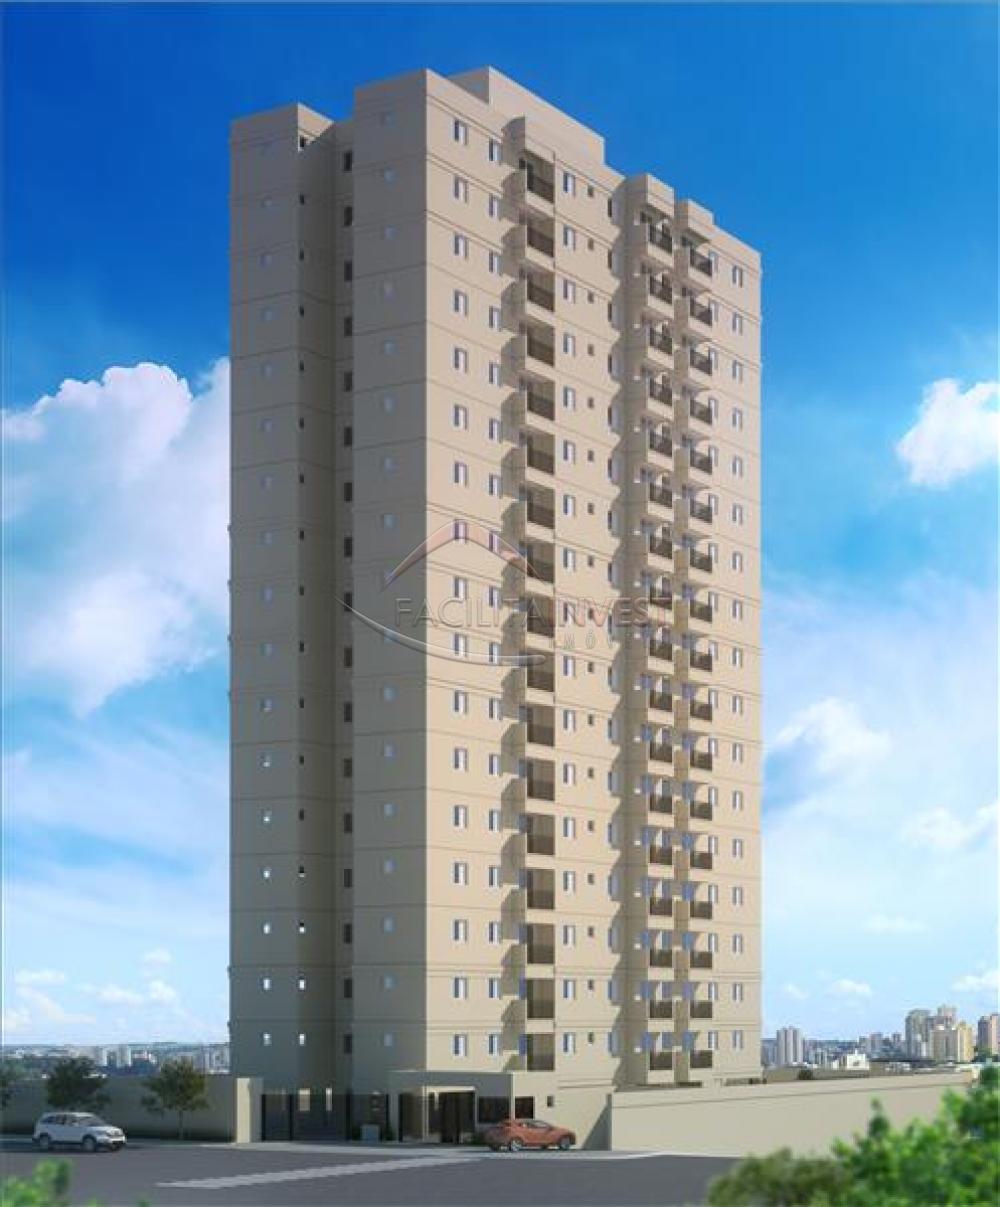 Comprar Lançamentos/ Empreendimentos em Construç / Apartamento padrão - Lançamento em Ribeirão Preto apenas R$ 195.360,00 - Foto 12